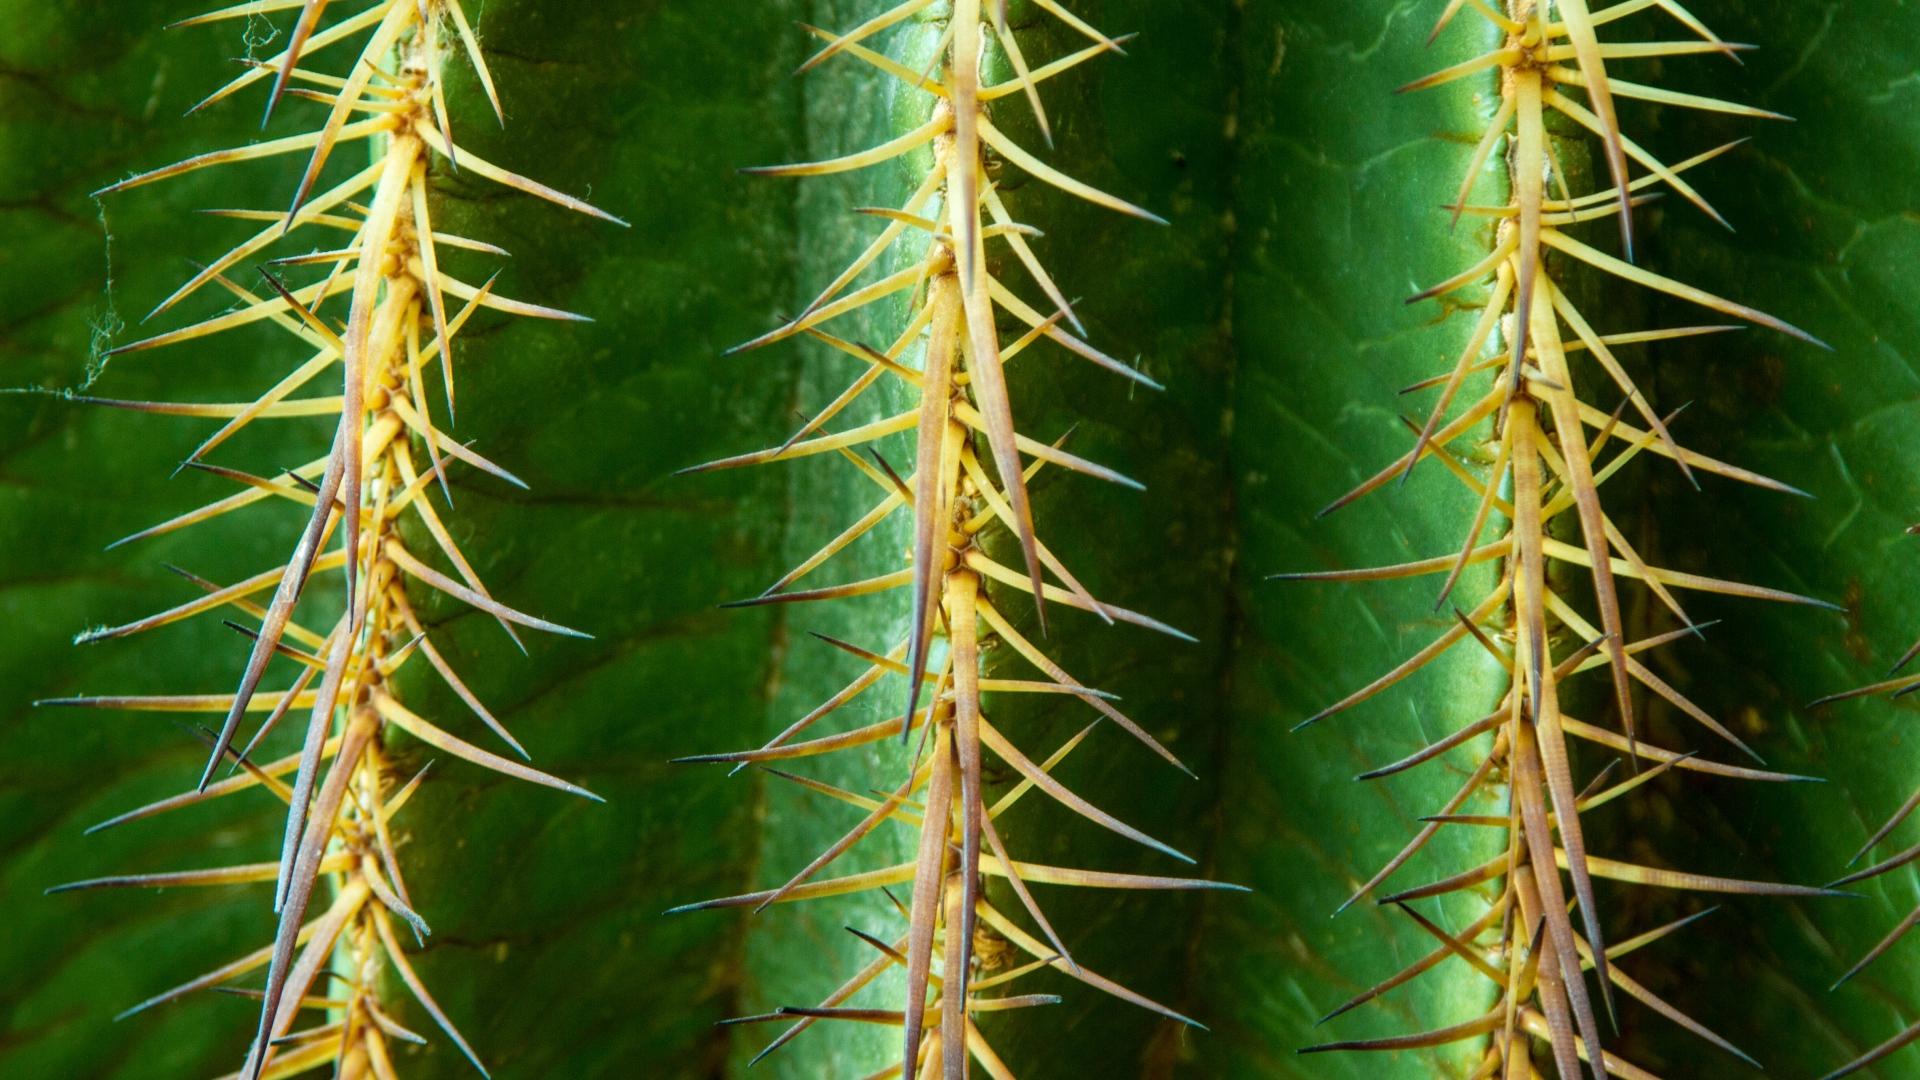 cactus texture desktop wallpaper 51662